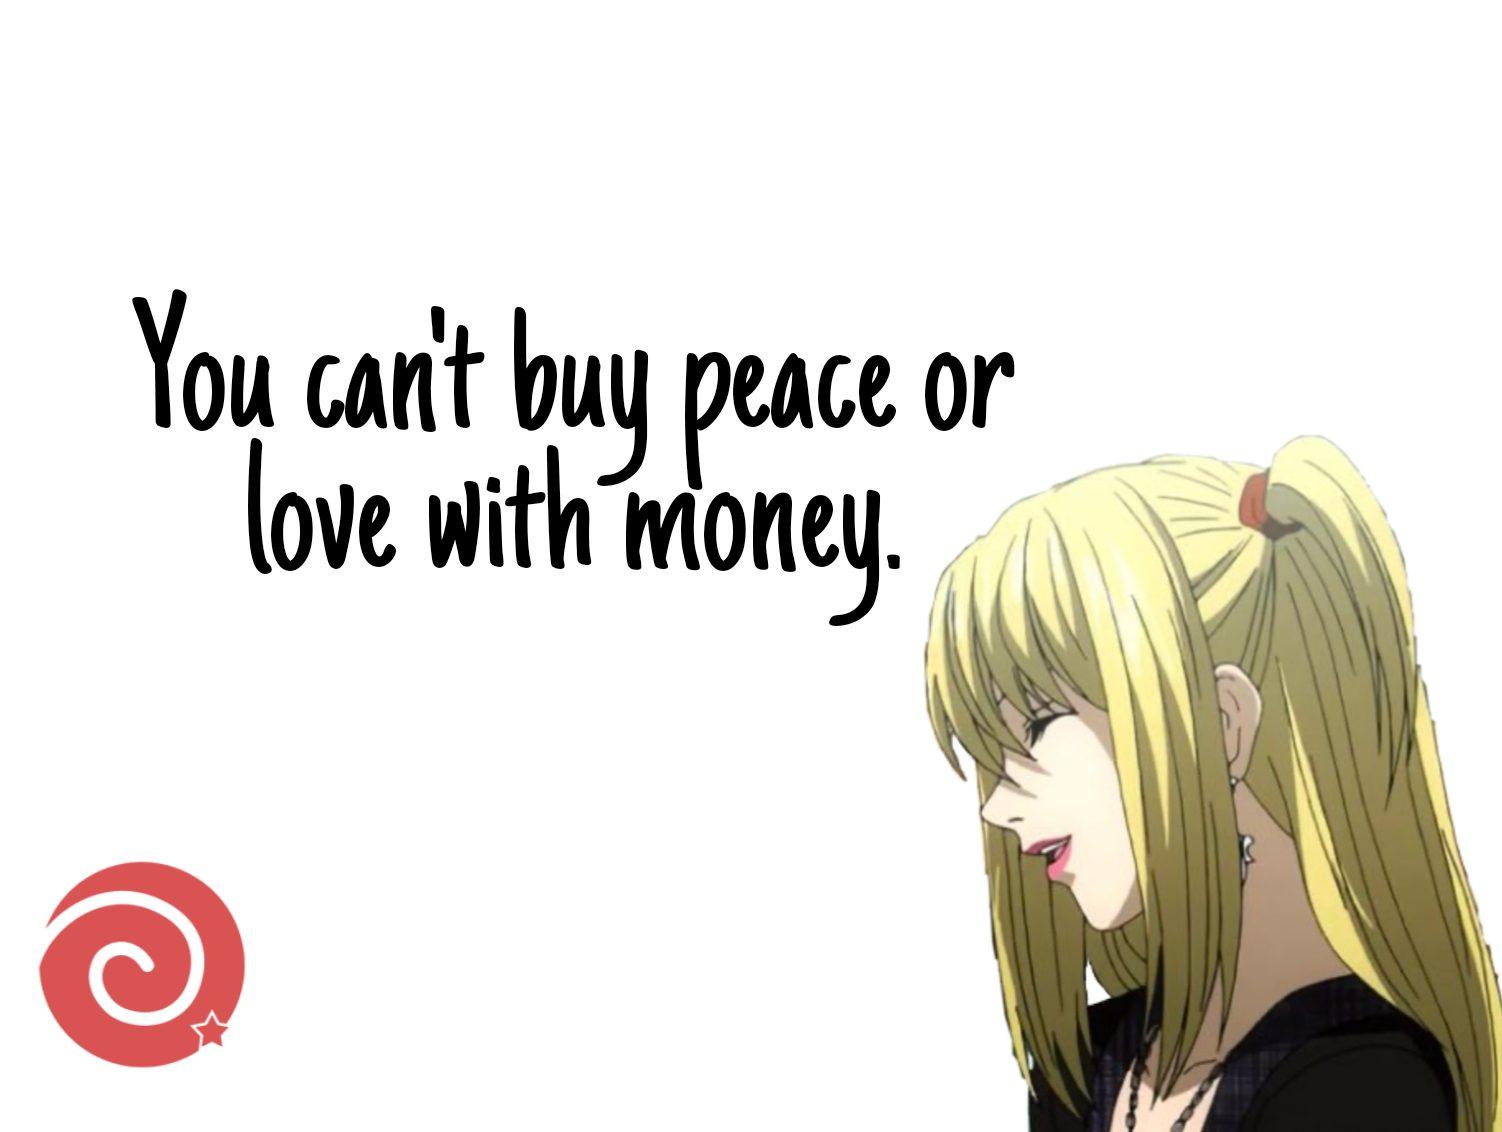 Misa Amane quotes